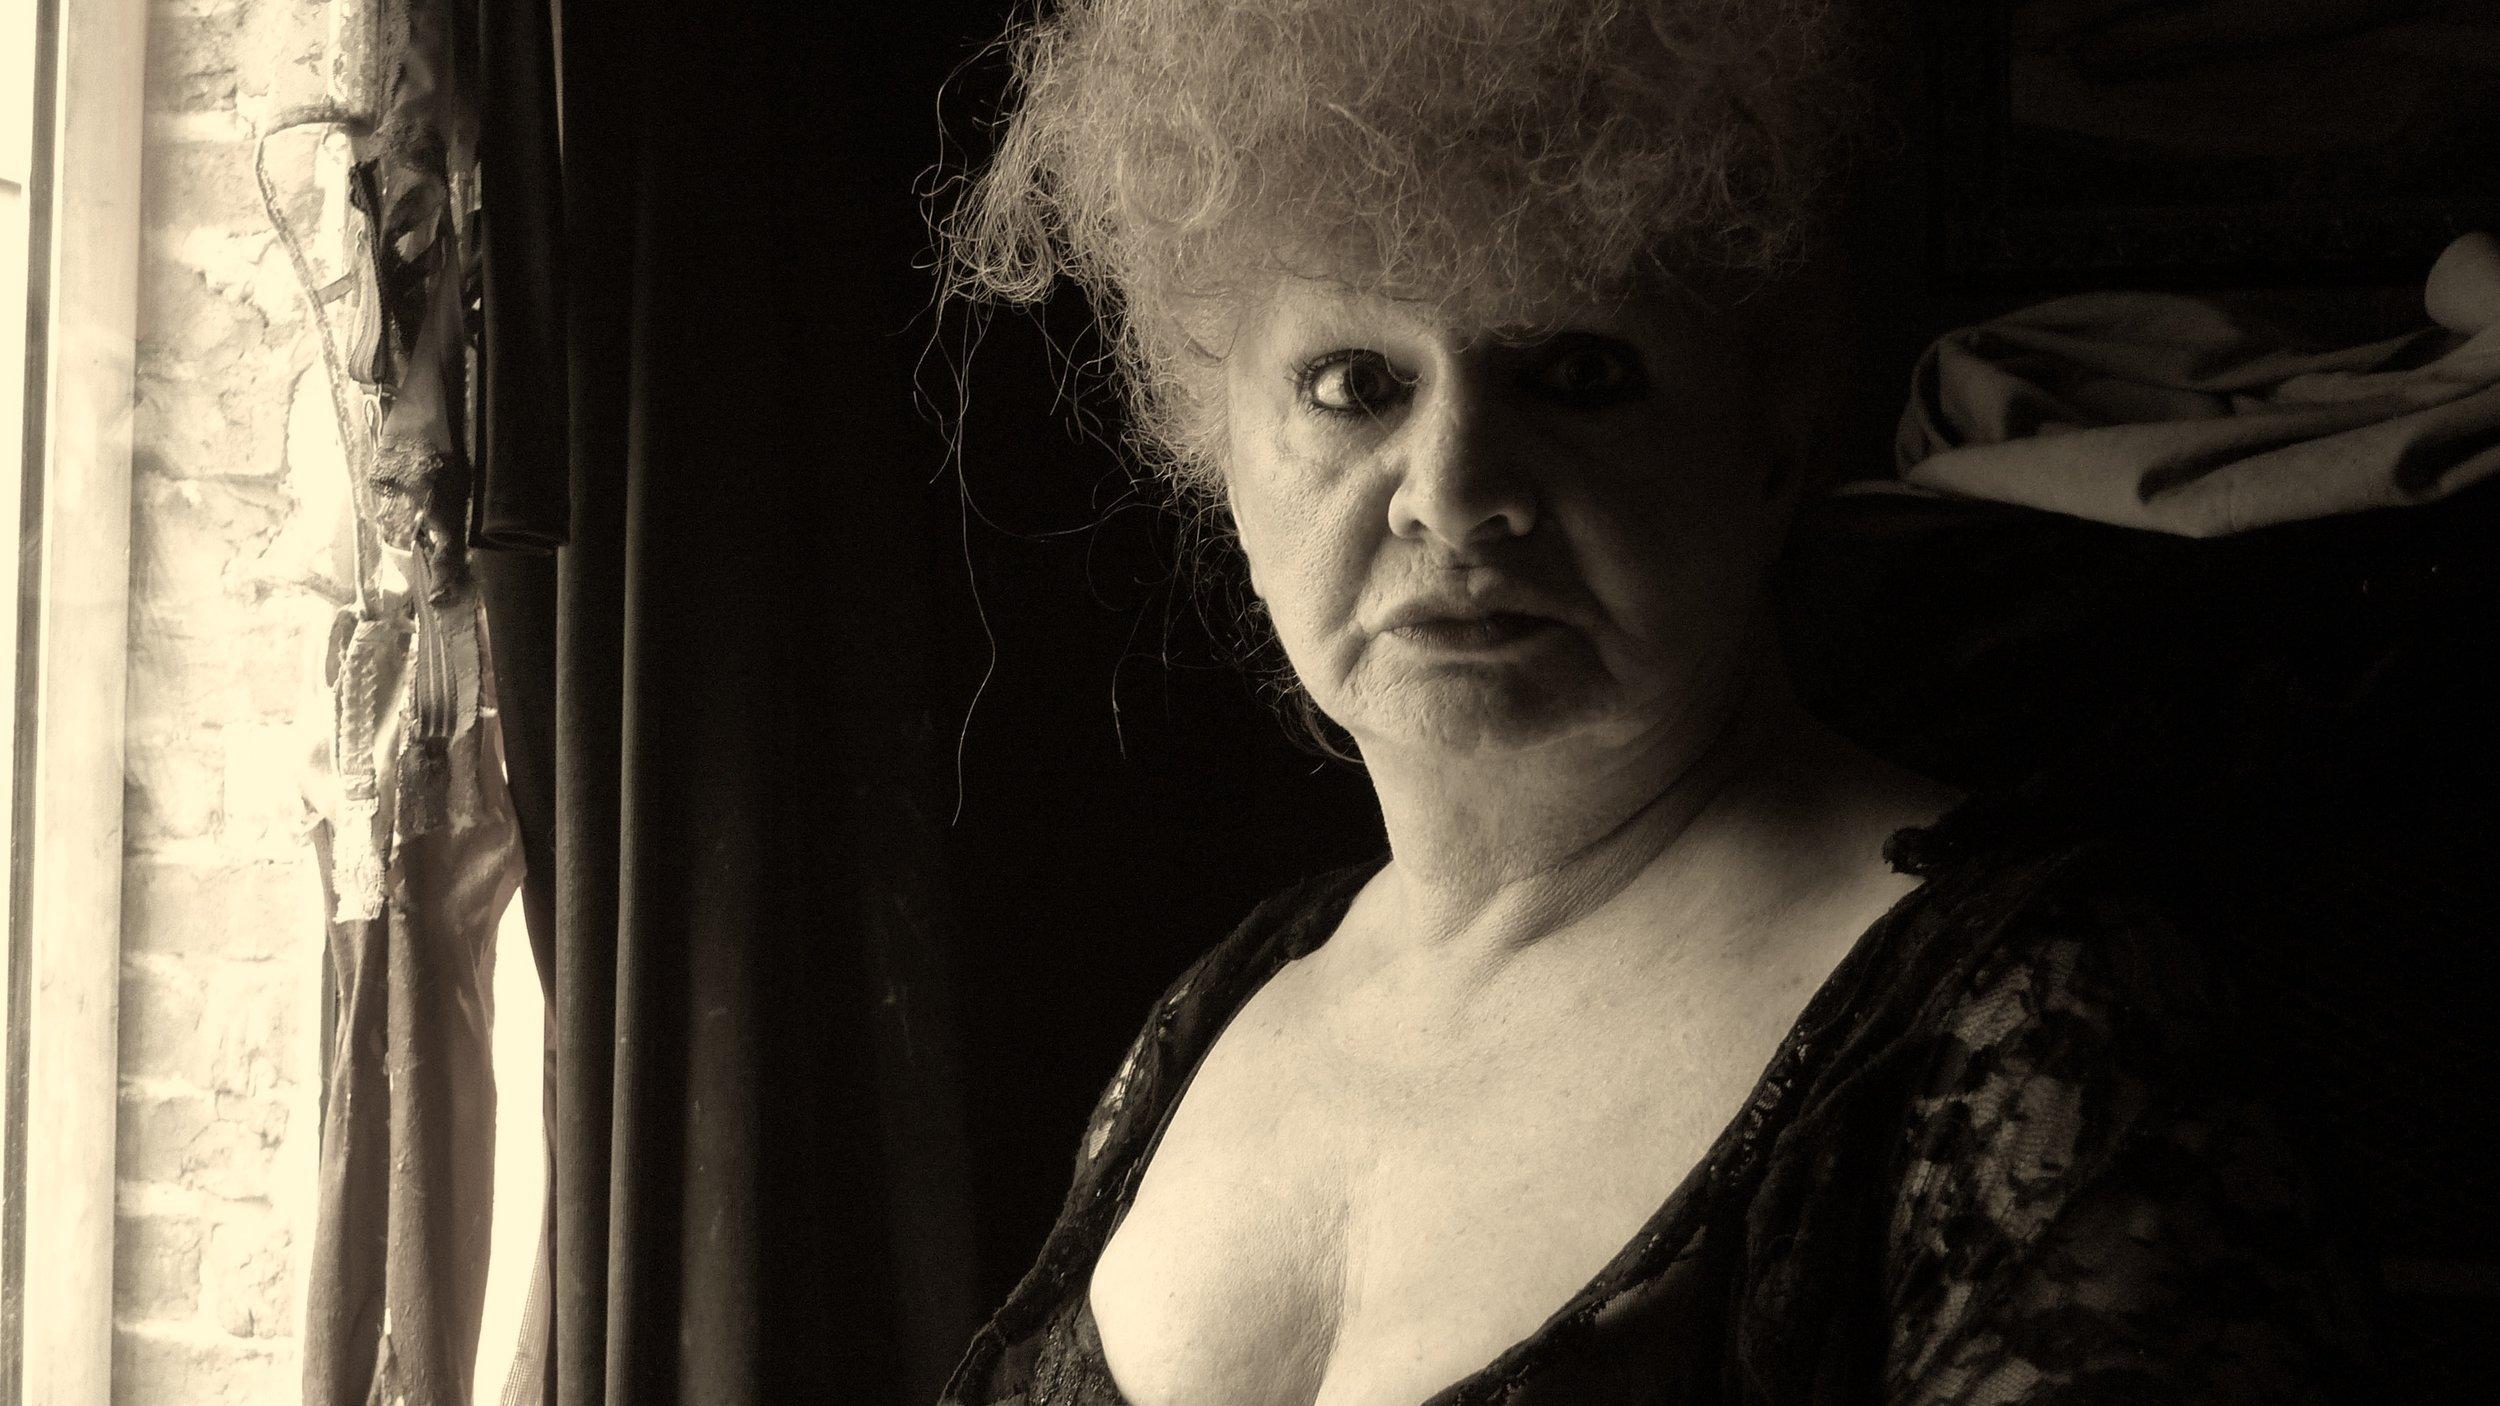 L'ËTRE VENU D'AILLEURS de Renaud De Putter et Guy Bordin, 2013, documentaire, 18'   Printemps 2012. Dédée, prostituée en vitrine à Bruxelles depuis plus de 30 ans, revient – avec humour, intelligence et franchise – sur son histoire de vie peu commune depuis ses débuts précoces, où elle se découvrit la «putasserie dans l'âme », au grand étonnement de ses proches…